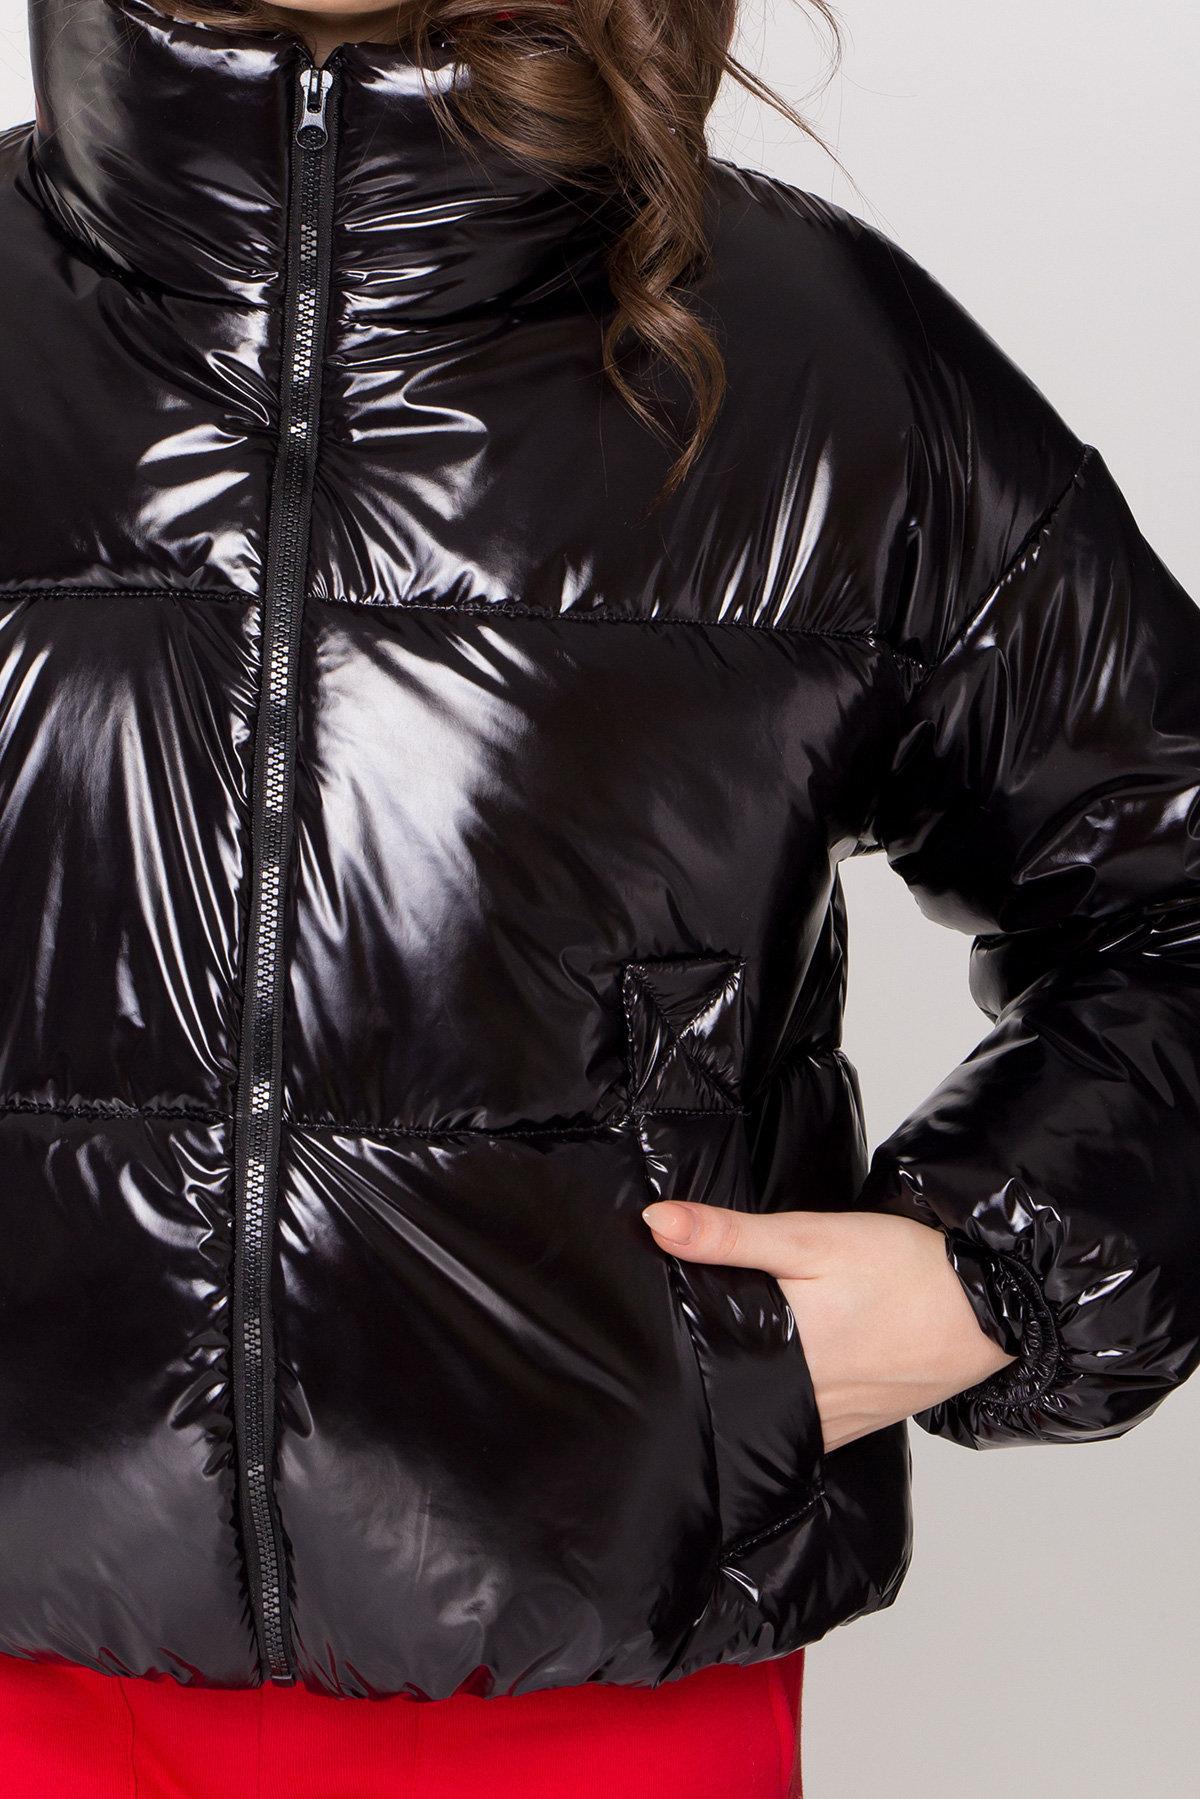 Куртка Драйв 8989 АРТ. 45299 Цвет: Черный - фото 14, интернет магазин tm-modus.ru